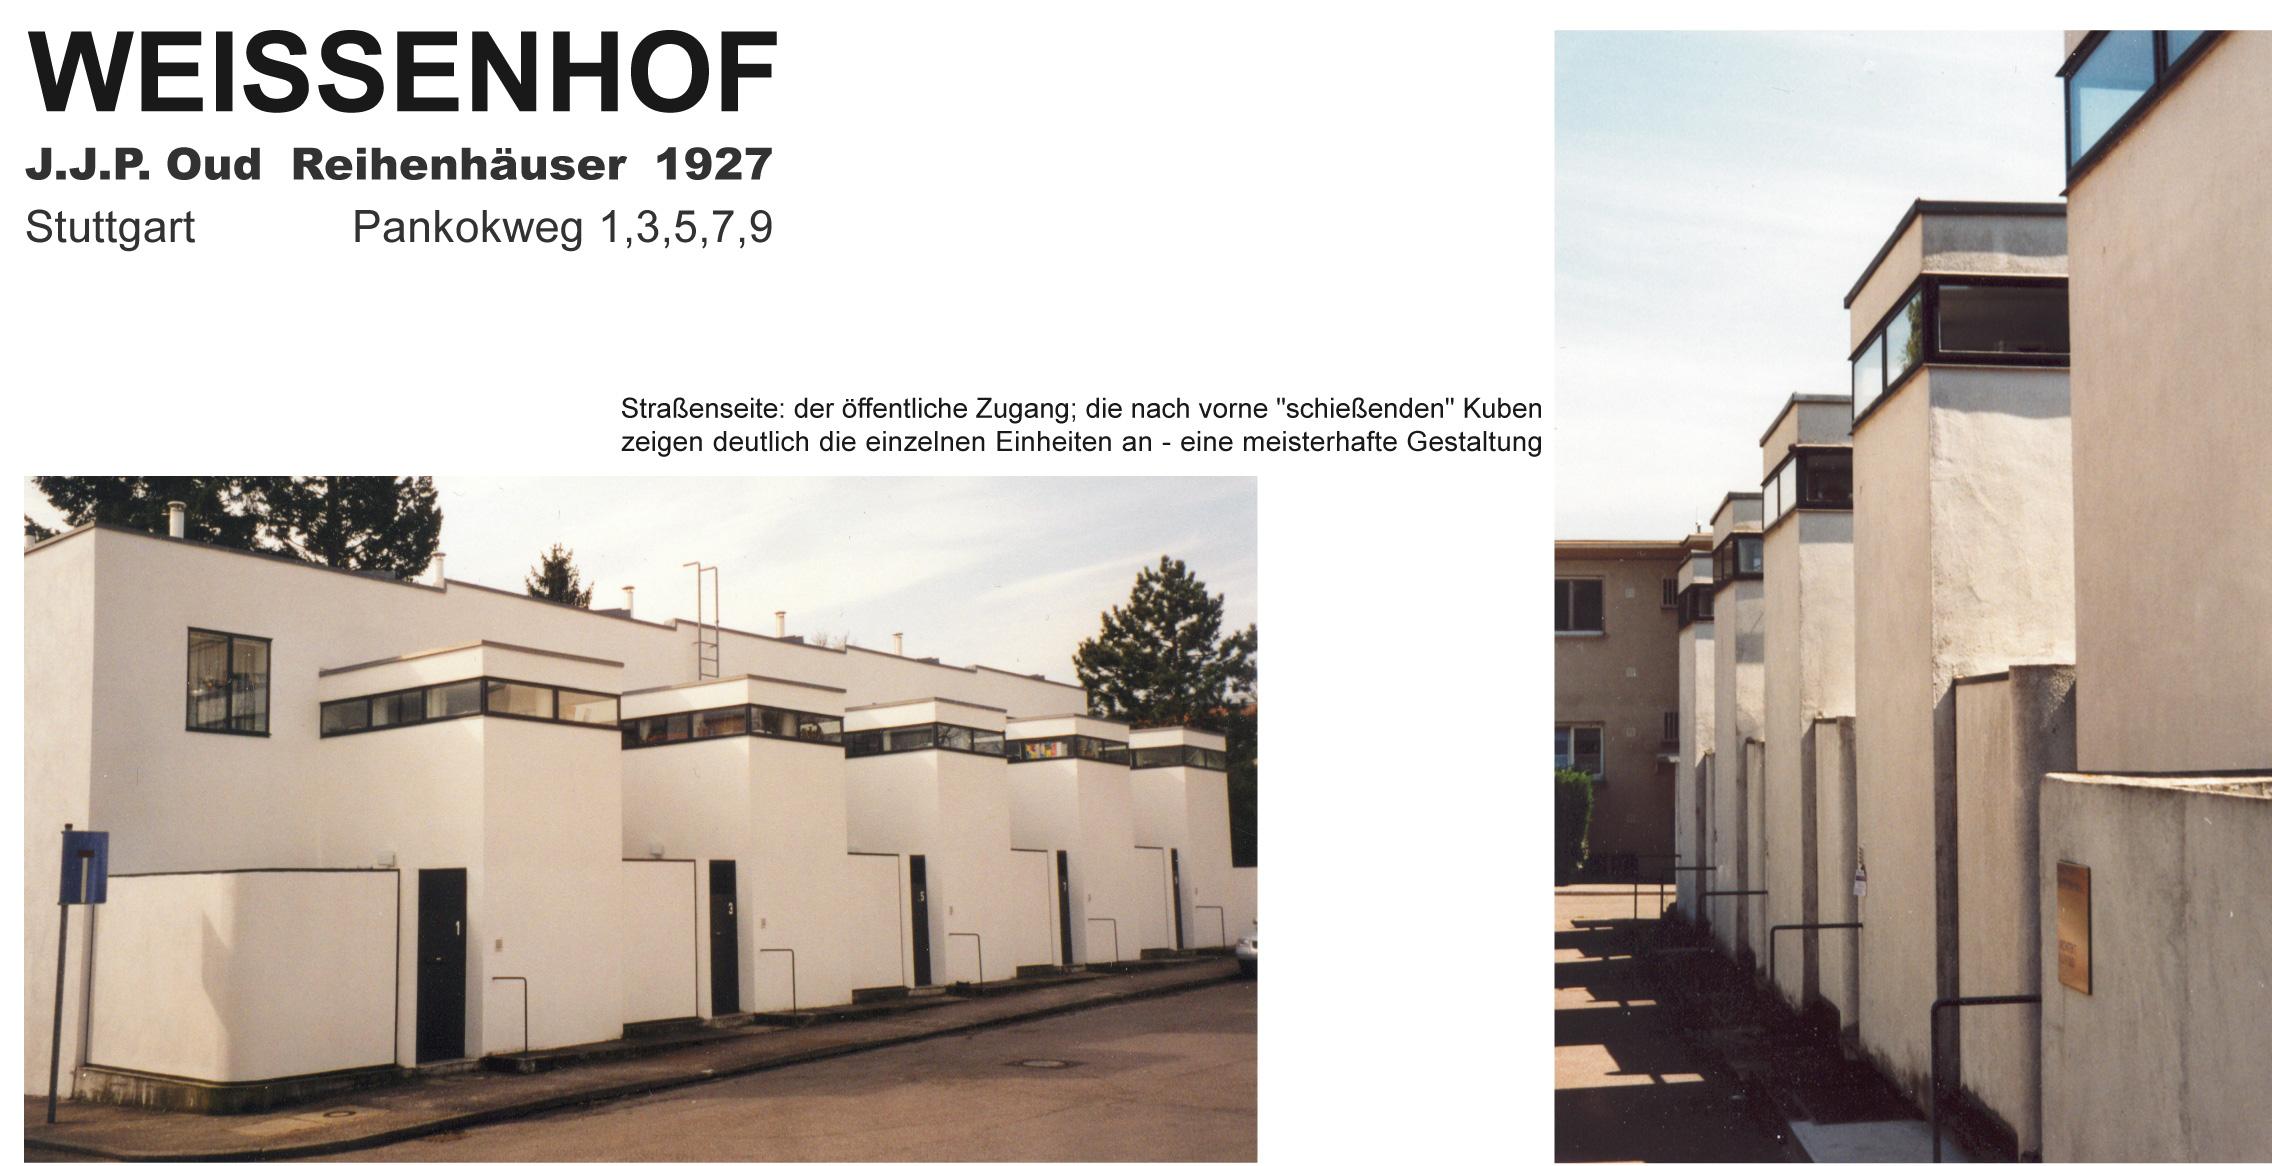 klassische moderne baden w rttemberg j j p oud. Black Bedroom Furniture Sets. Home Design Ideas